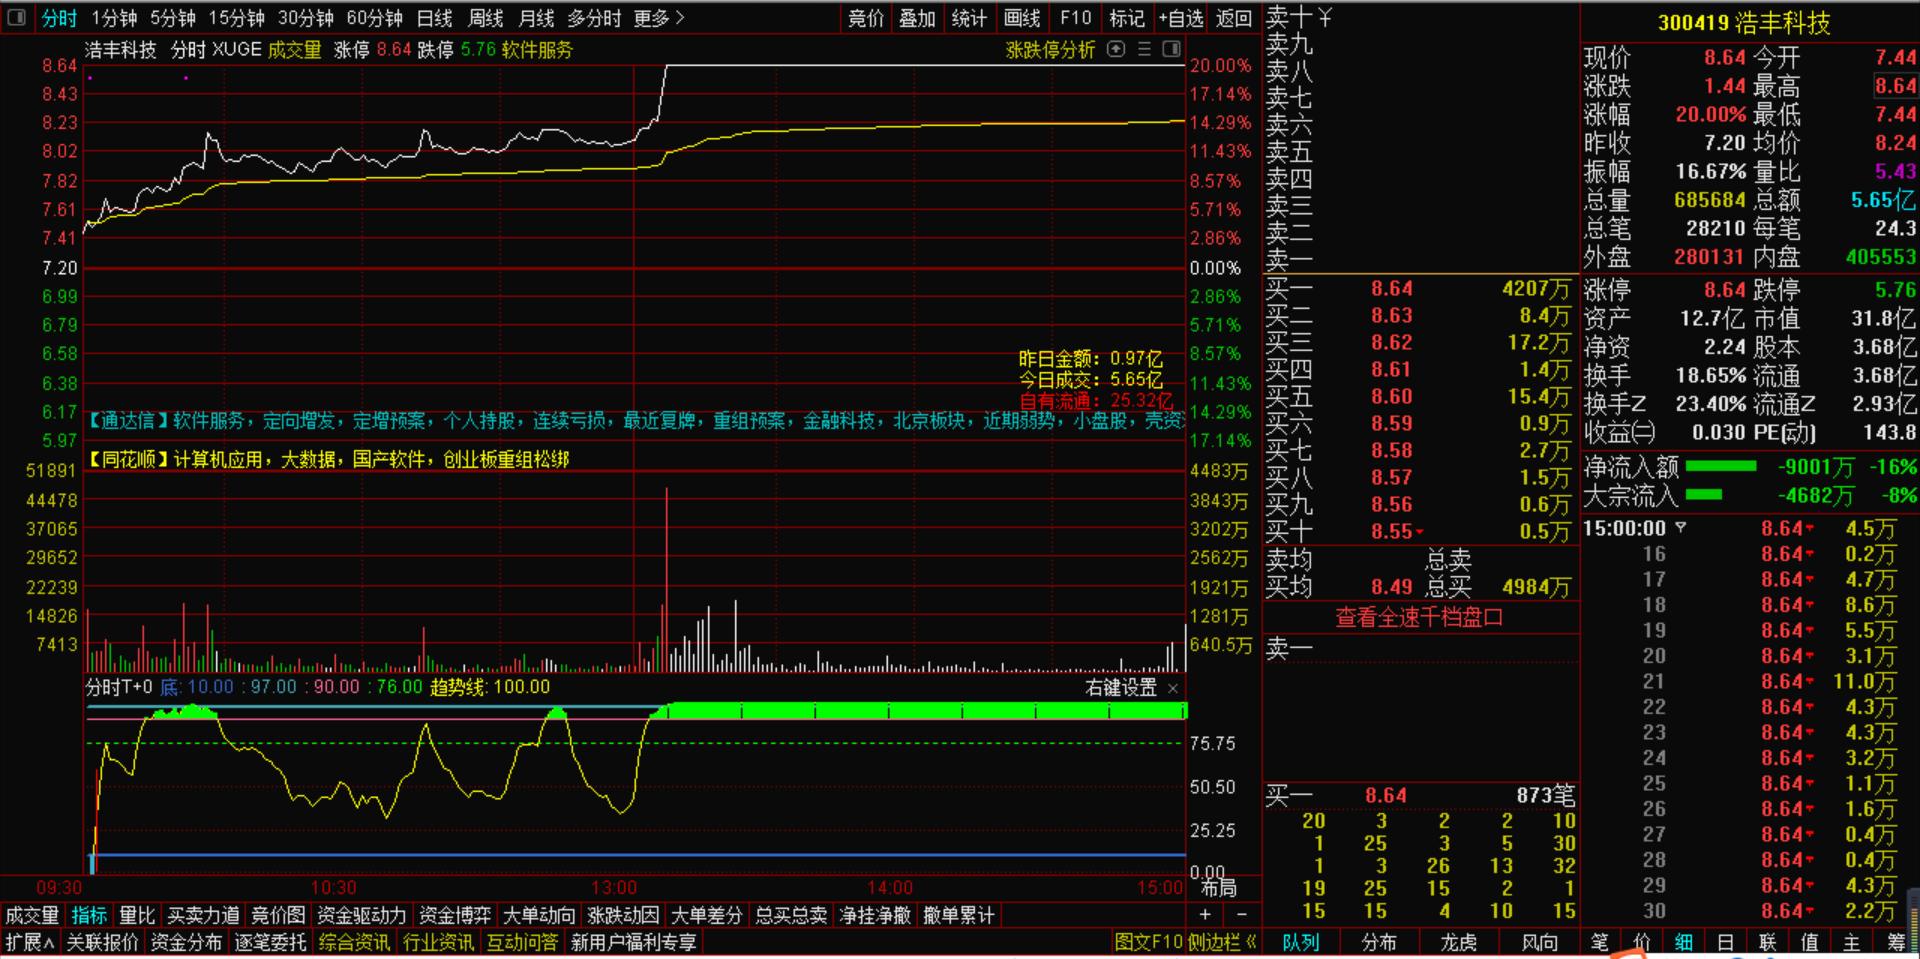 10月20号机智资金流 为什么有些个股会出现资金流出股价反而上涨的情况?